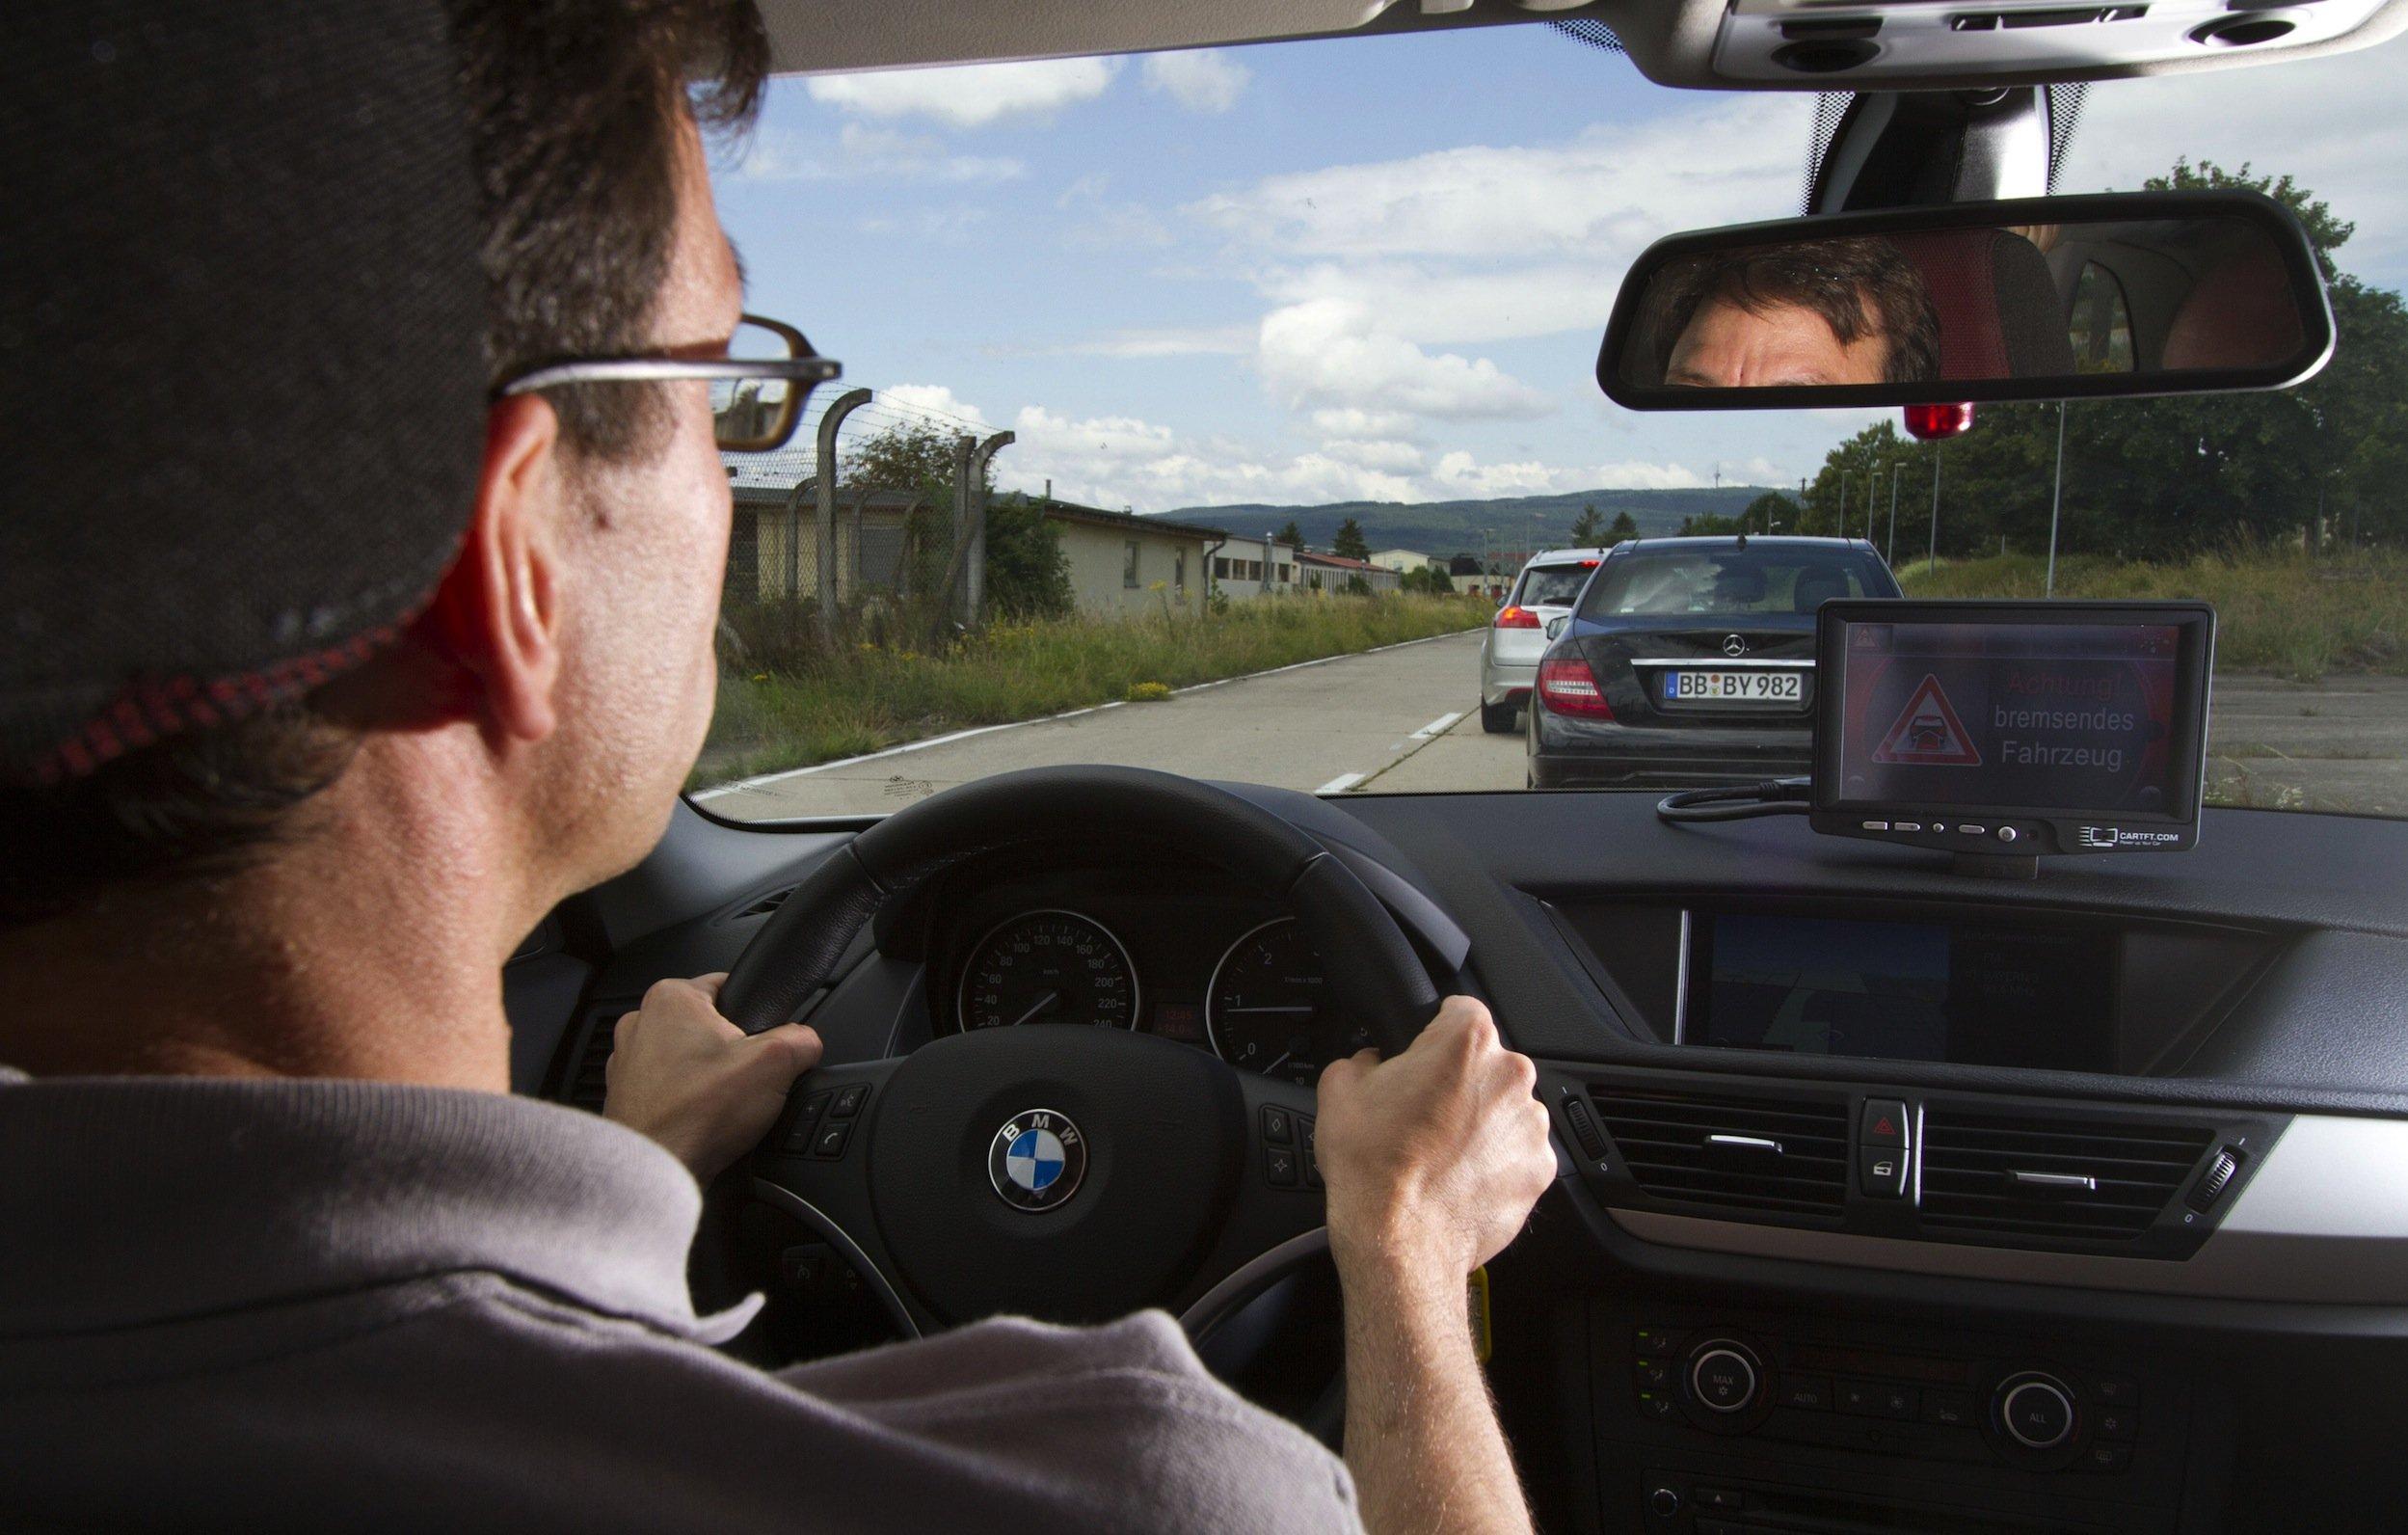 Schon 2015 sollen die ersten vernetzten Autos auf den Markt kommen. IT-Spezialisten warnen allerdings davon, dass die offenen Systeme auch anfällig für Manipulationen sind.